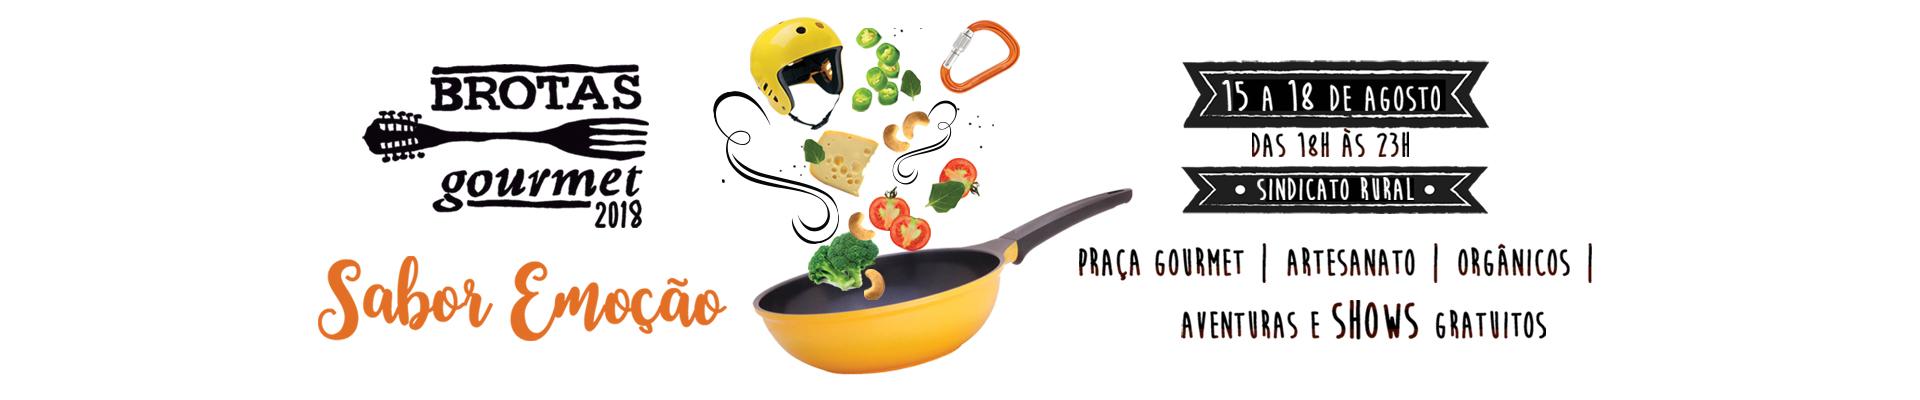 brotas-gourmet-2018-estalagem